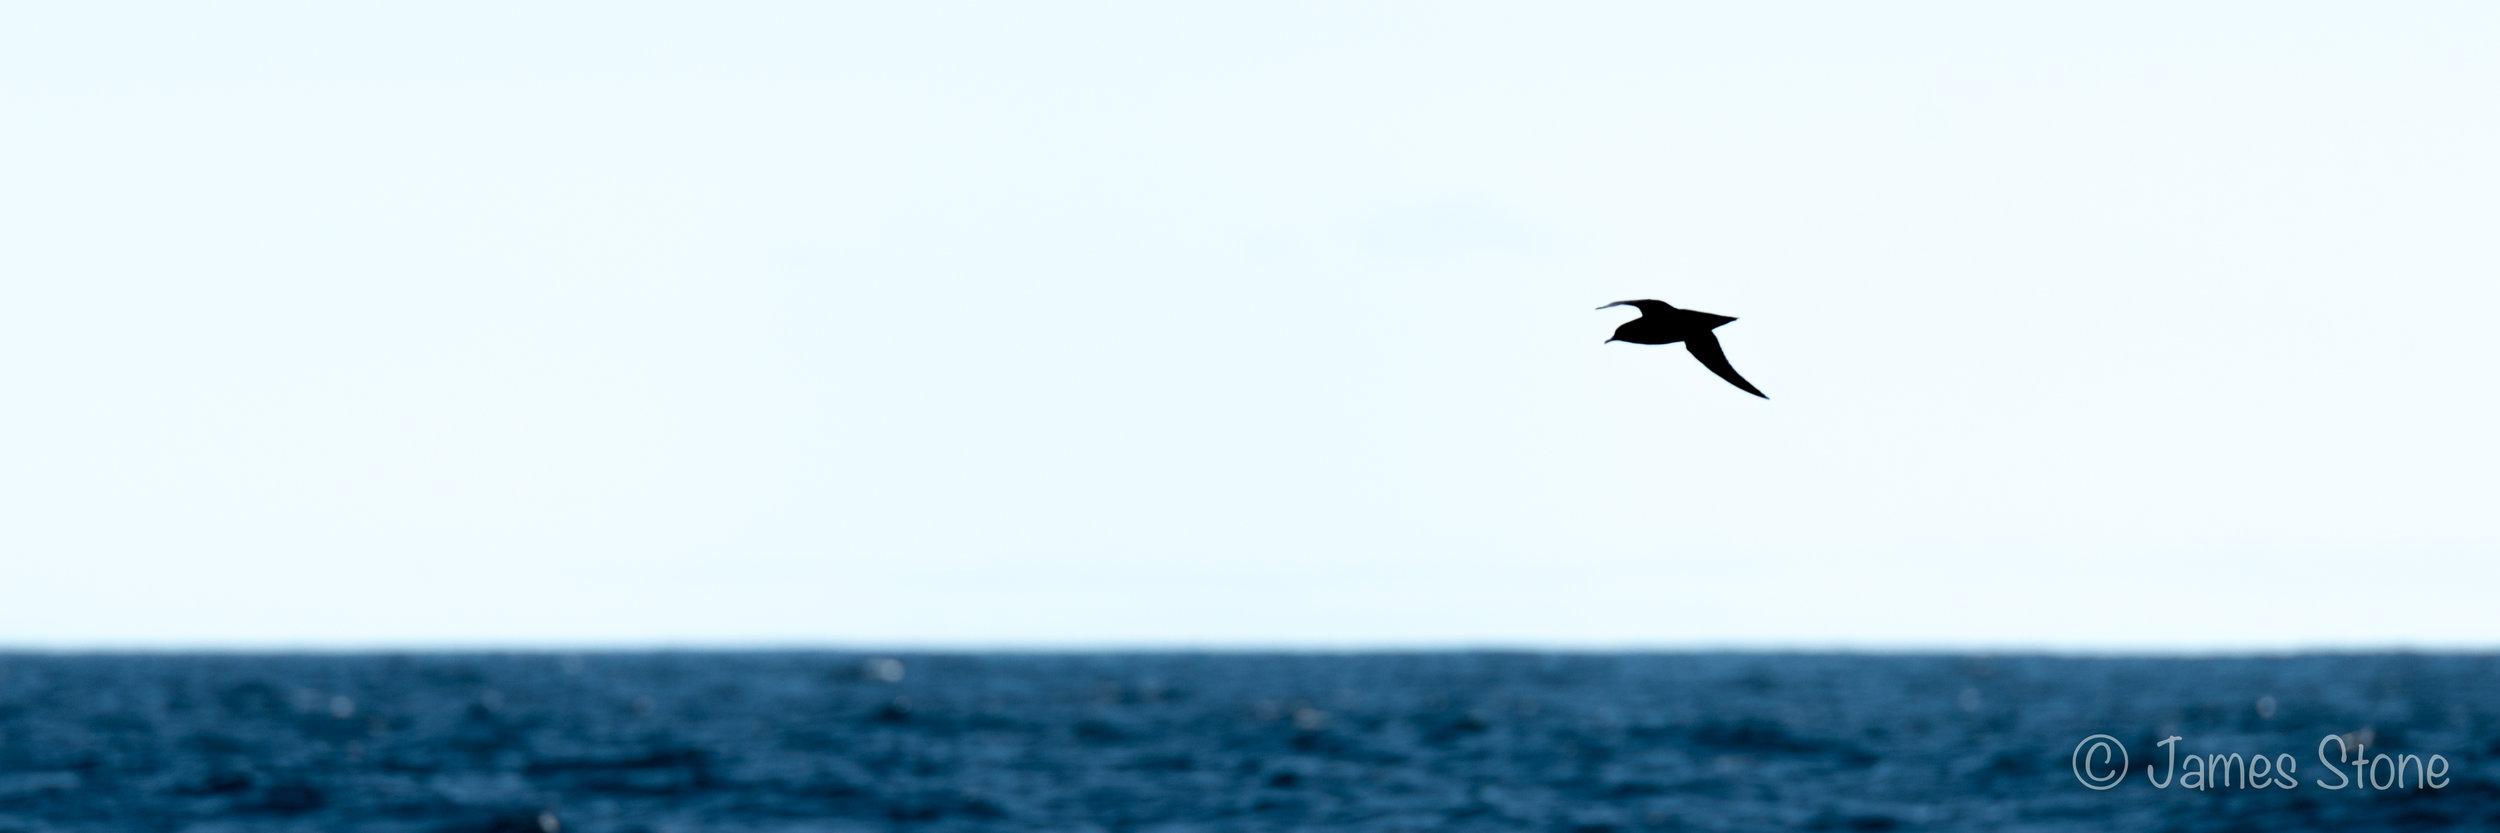 Muttonbird Silhouette